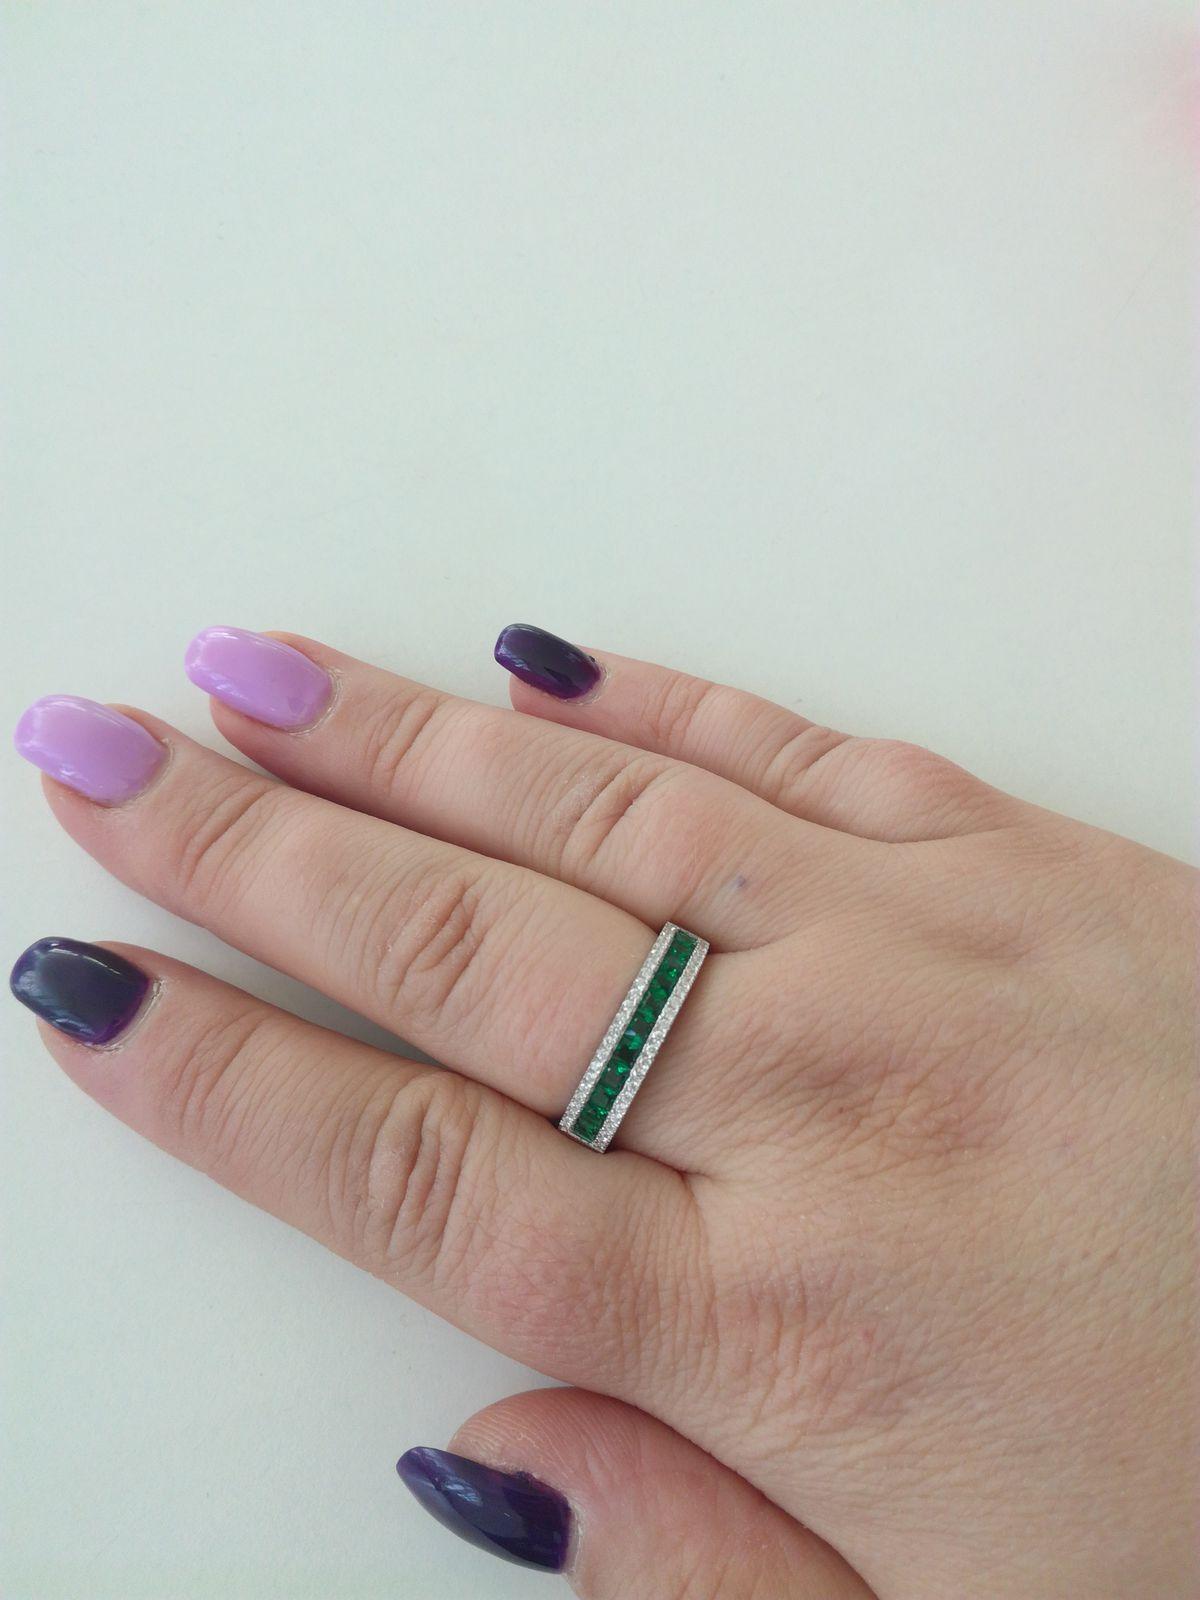 Получила сегодня кольцо,оно прекрасно.смотрится очень шикарно, и празднично